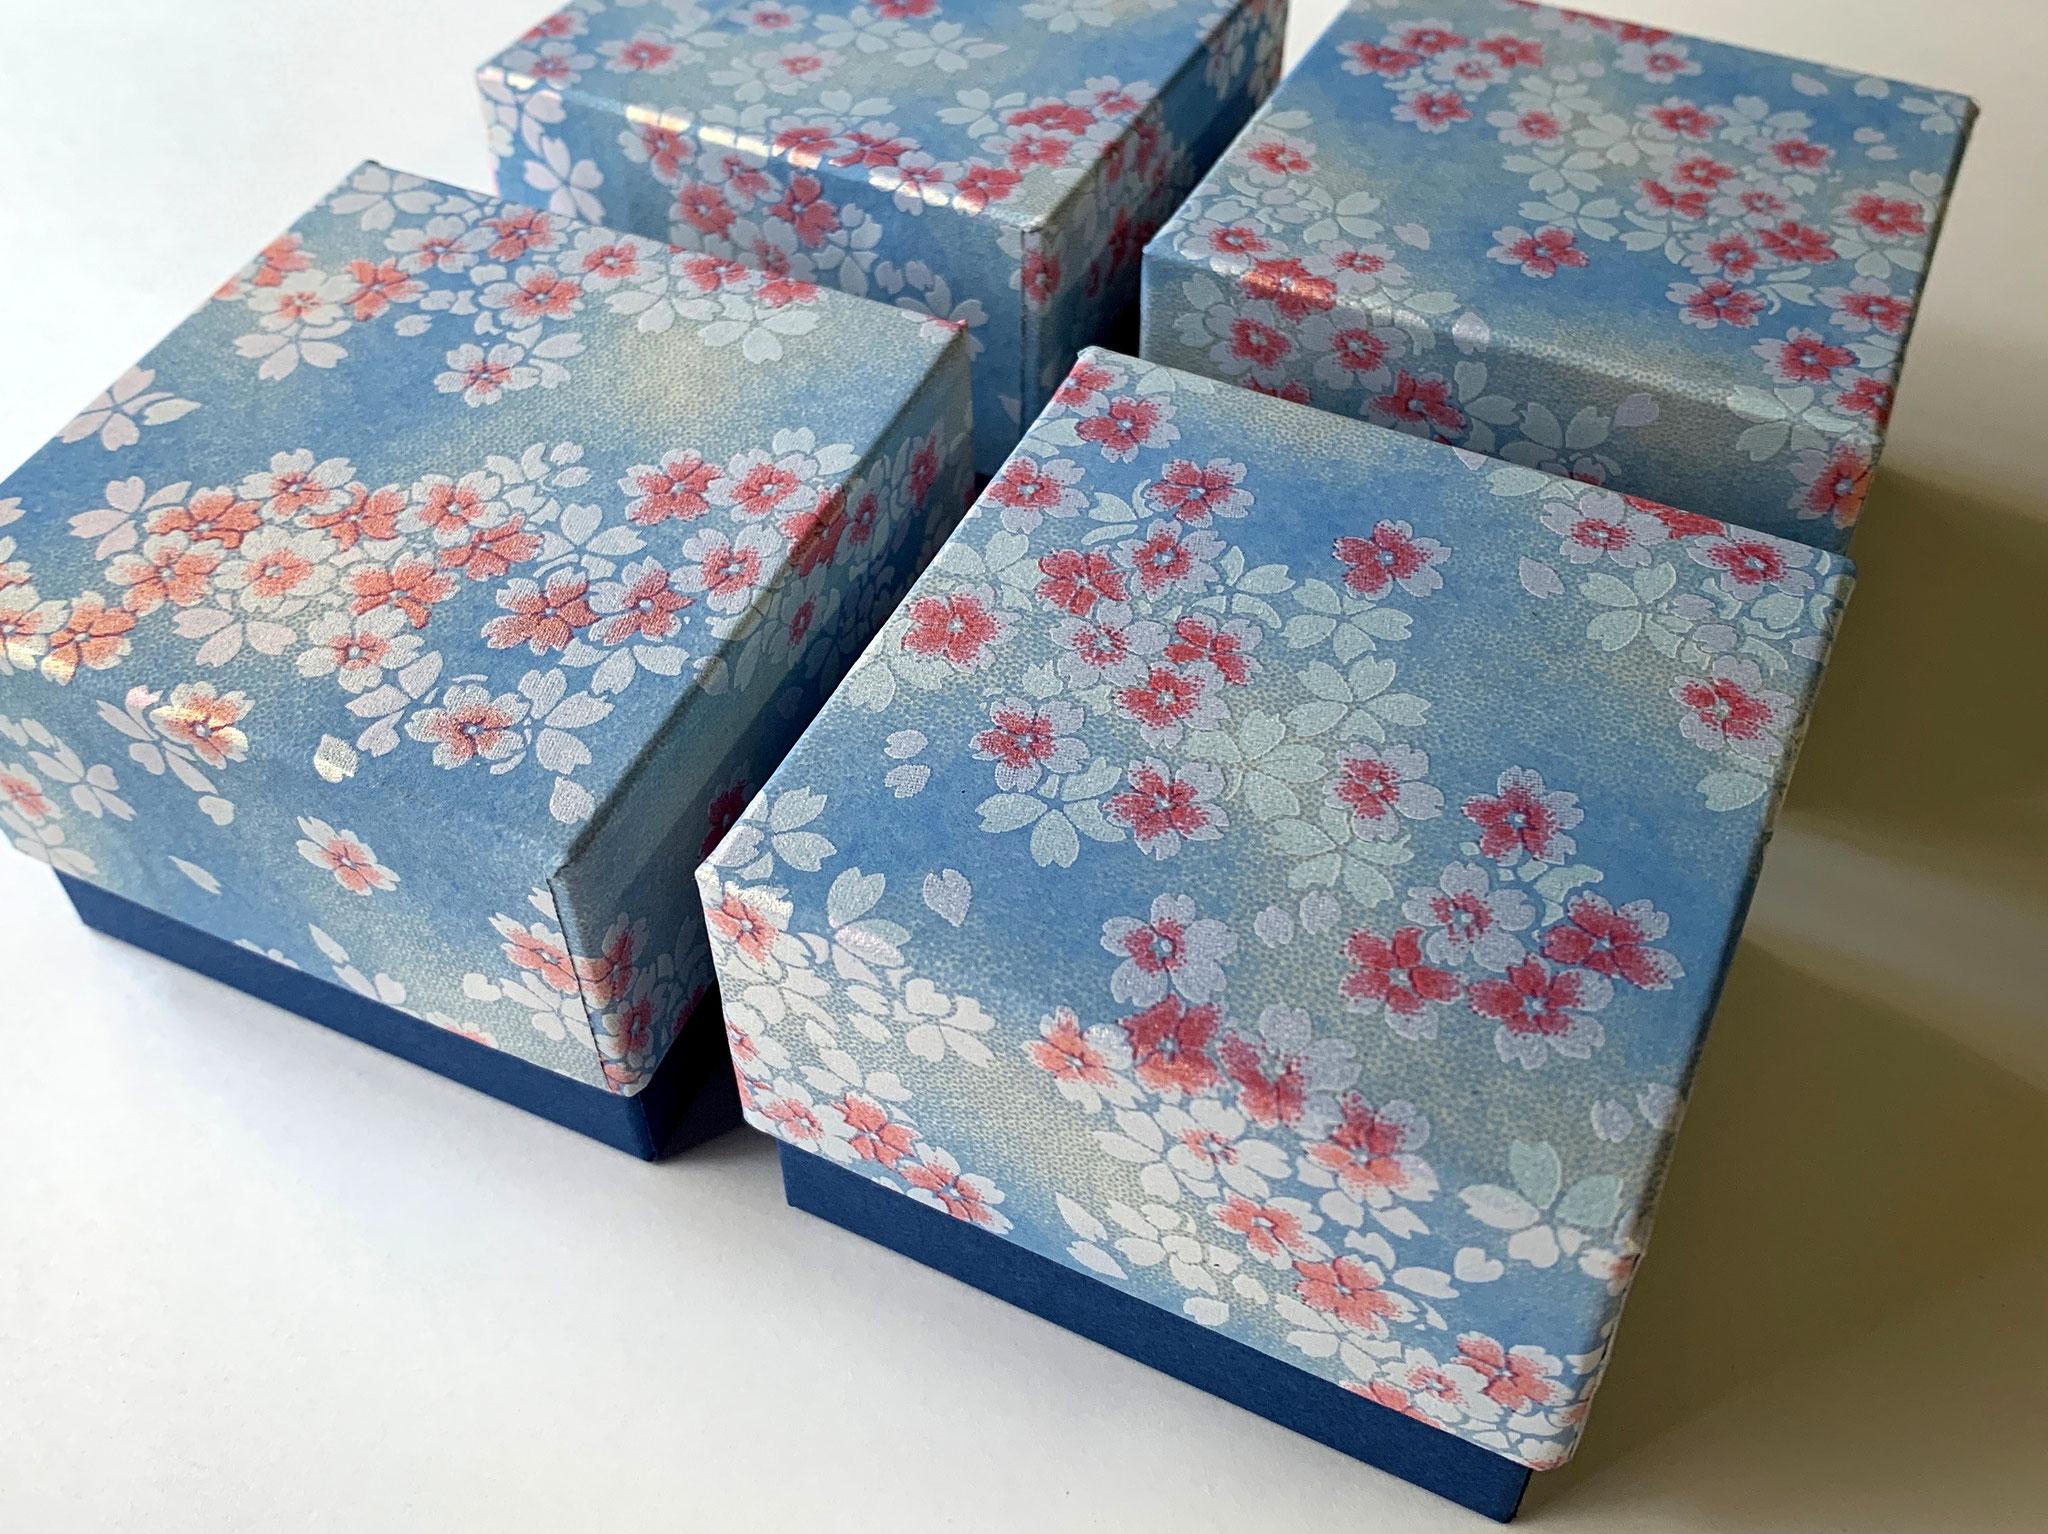 青を基調にして手加工で作製した千代紙と鳥の子紙の貼り箱